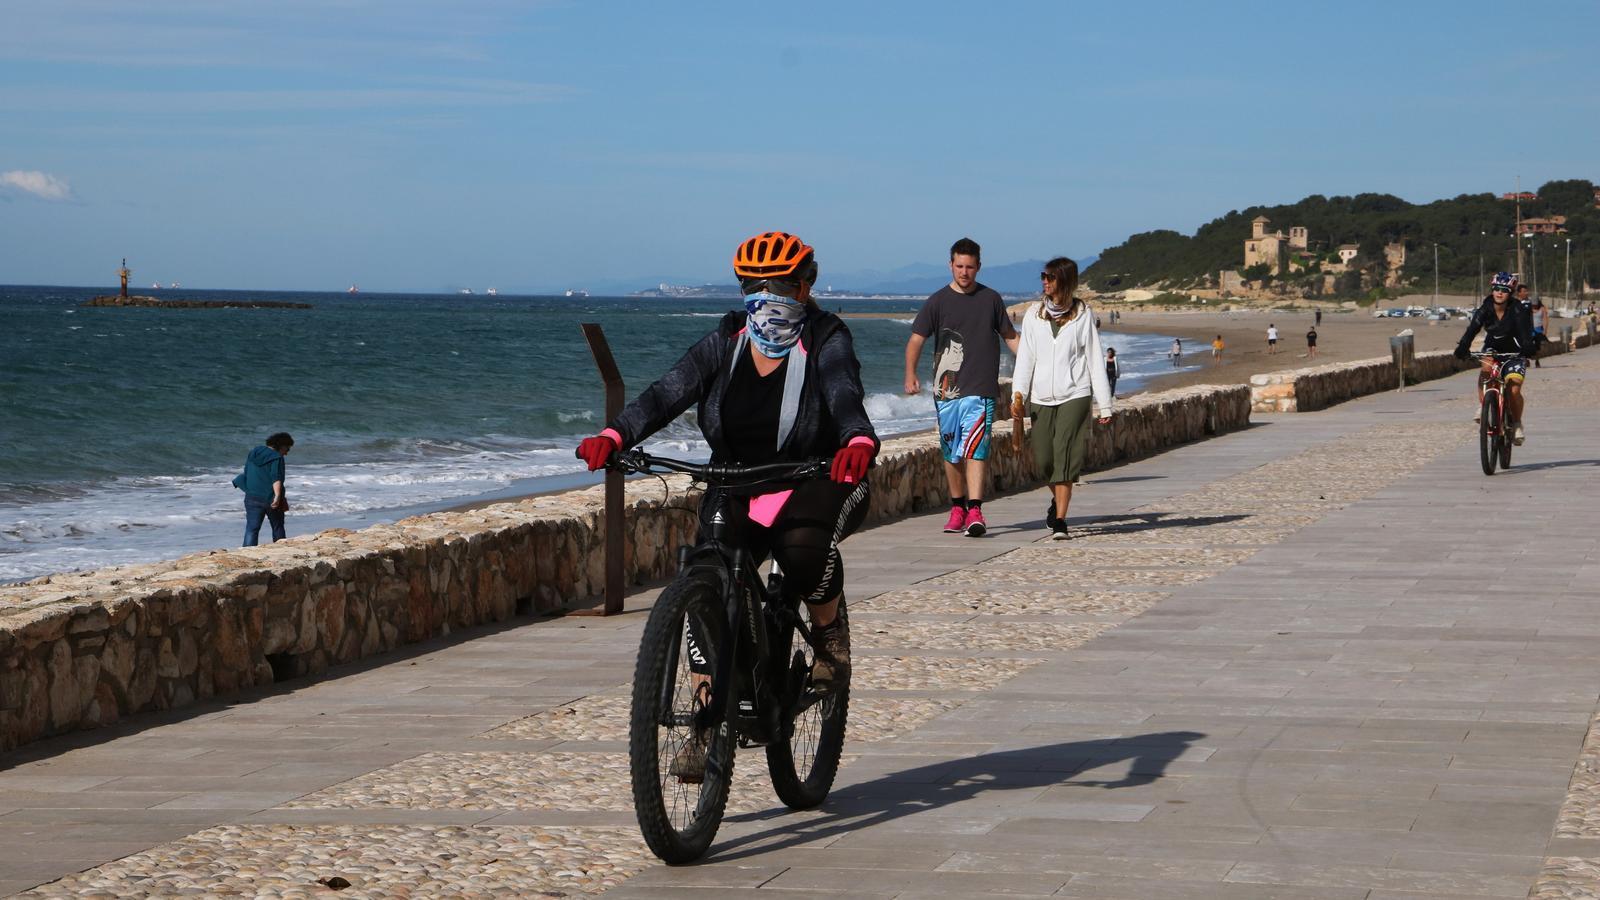 Ciclistes i persones caminant pel passeig marítim d'Altafulla en el primer dia permès per sortir a passejar i practicar esport, el 2 de maig